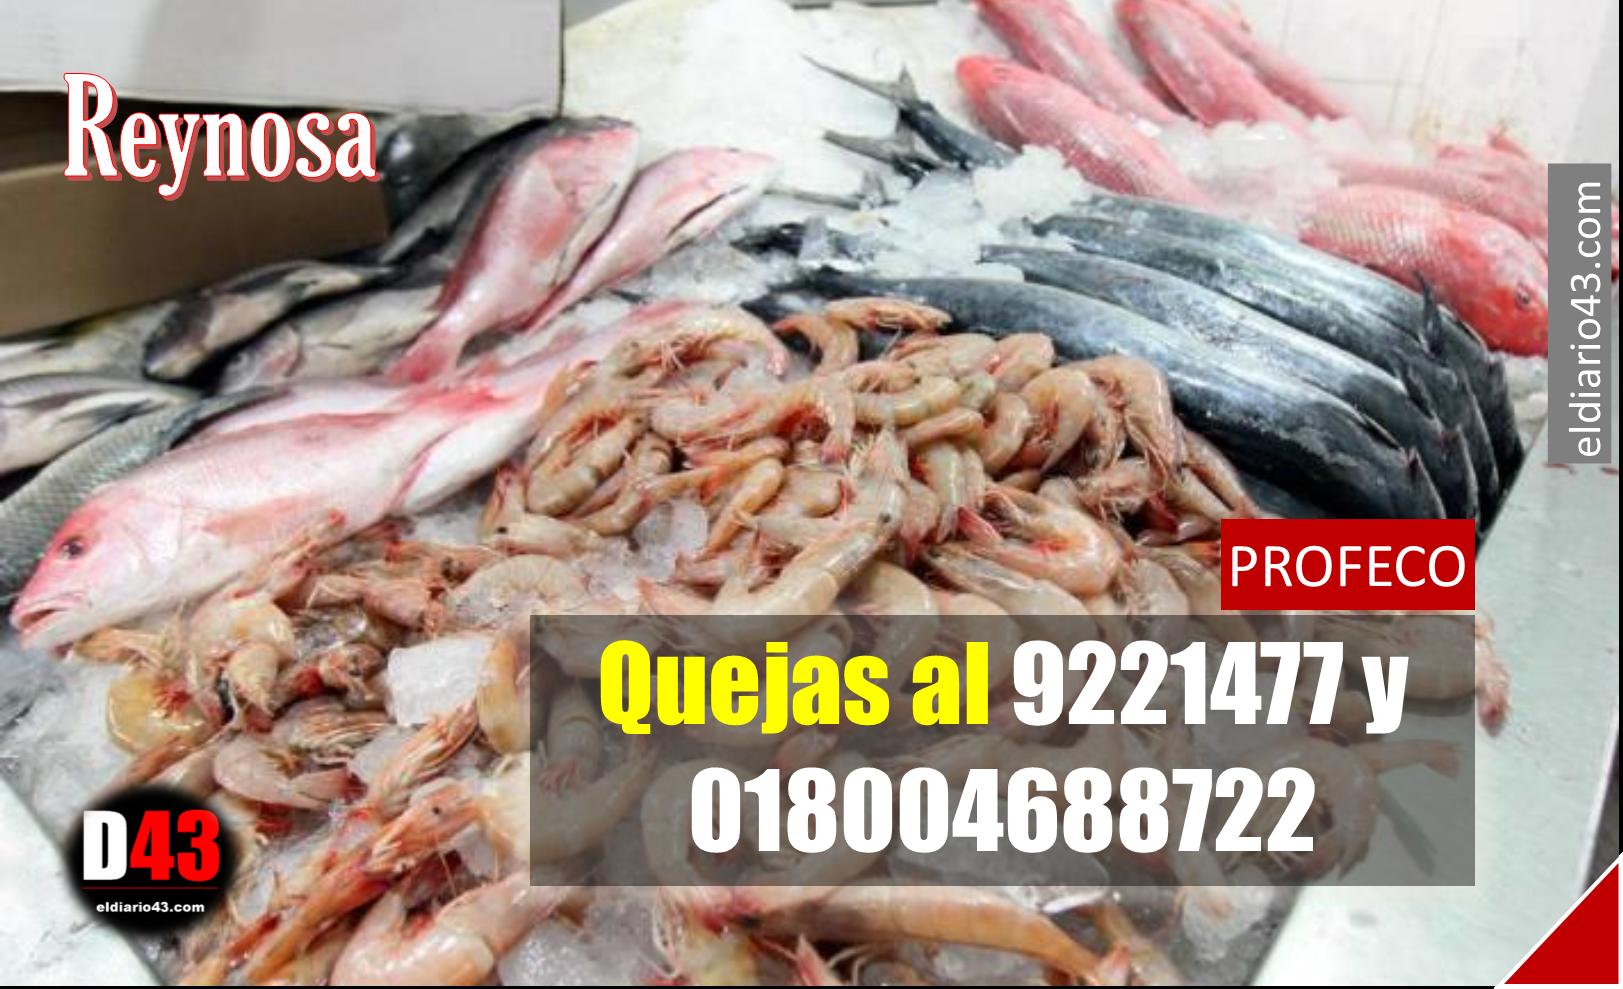 Profeco verificara negocios de mariscos por medio de denuncia  en Reynosa